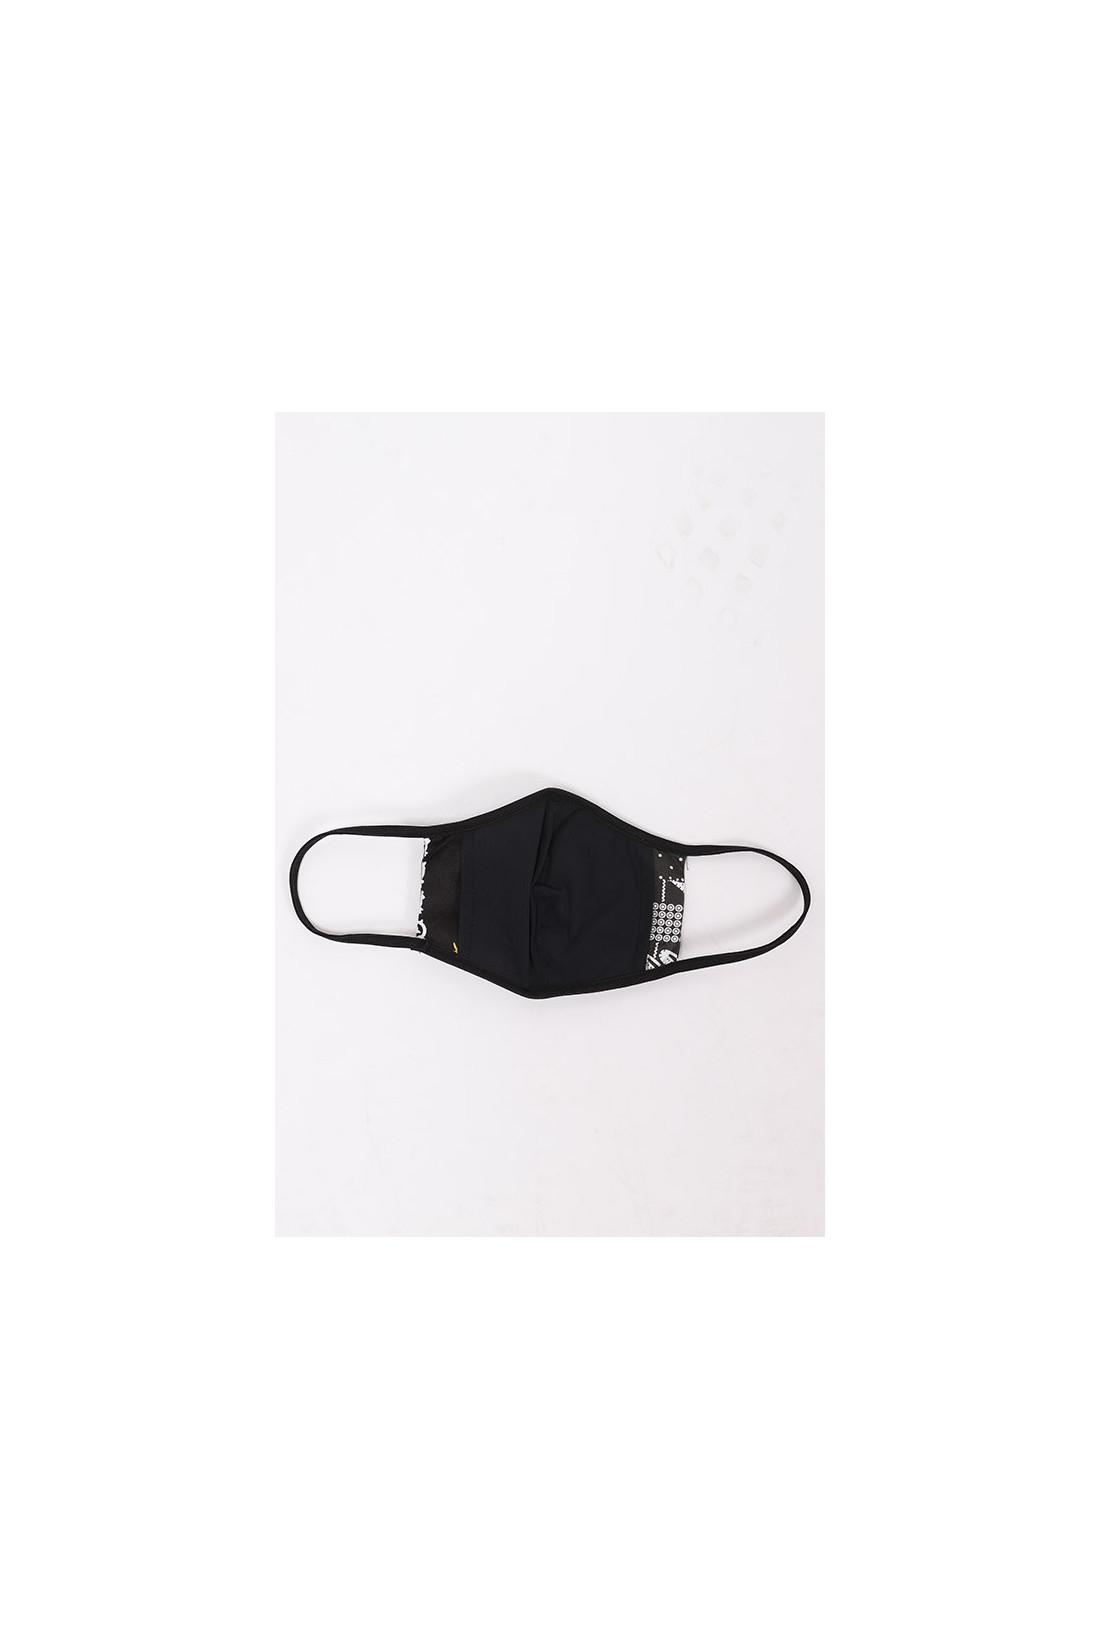 NEIGHBORHOOD / Guardian-b / c-mask Black